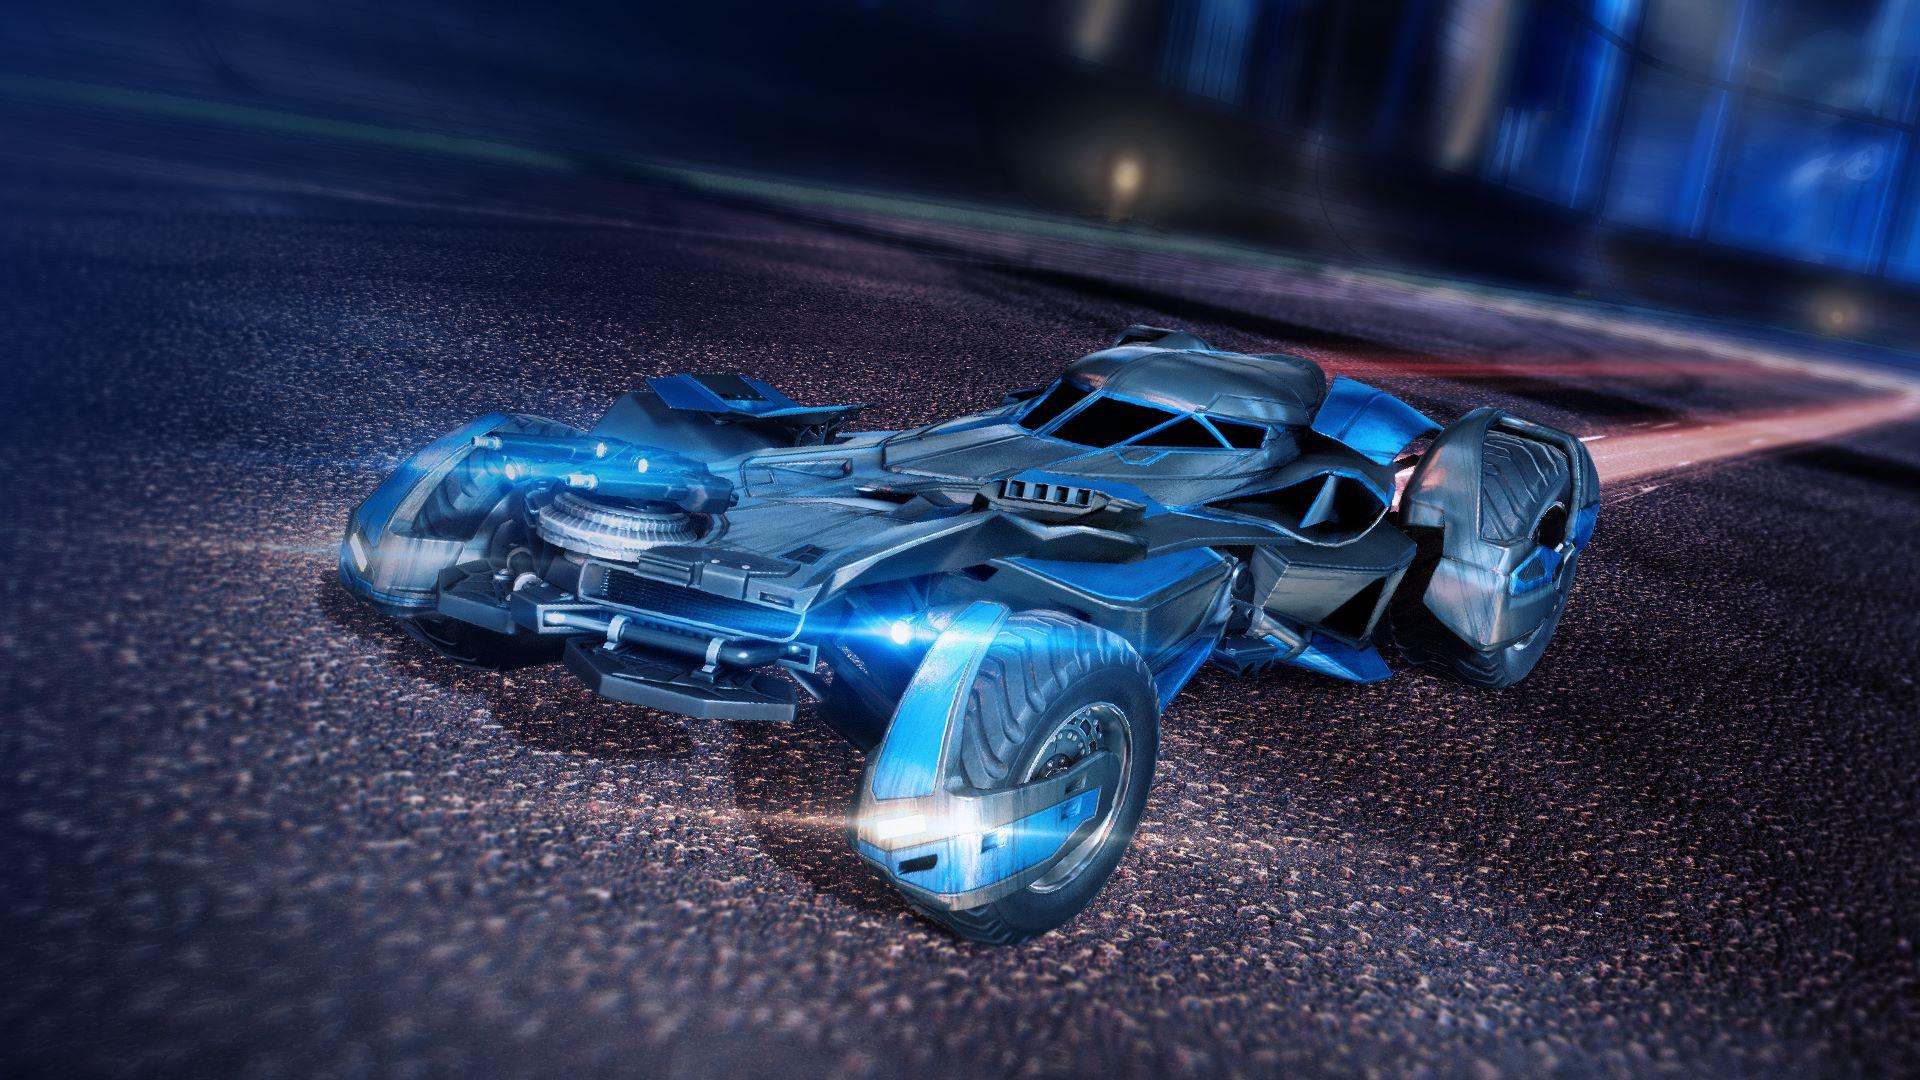 rocket league batman v superman dawn of justice car pack を購入